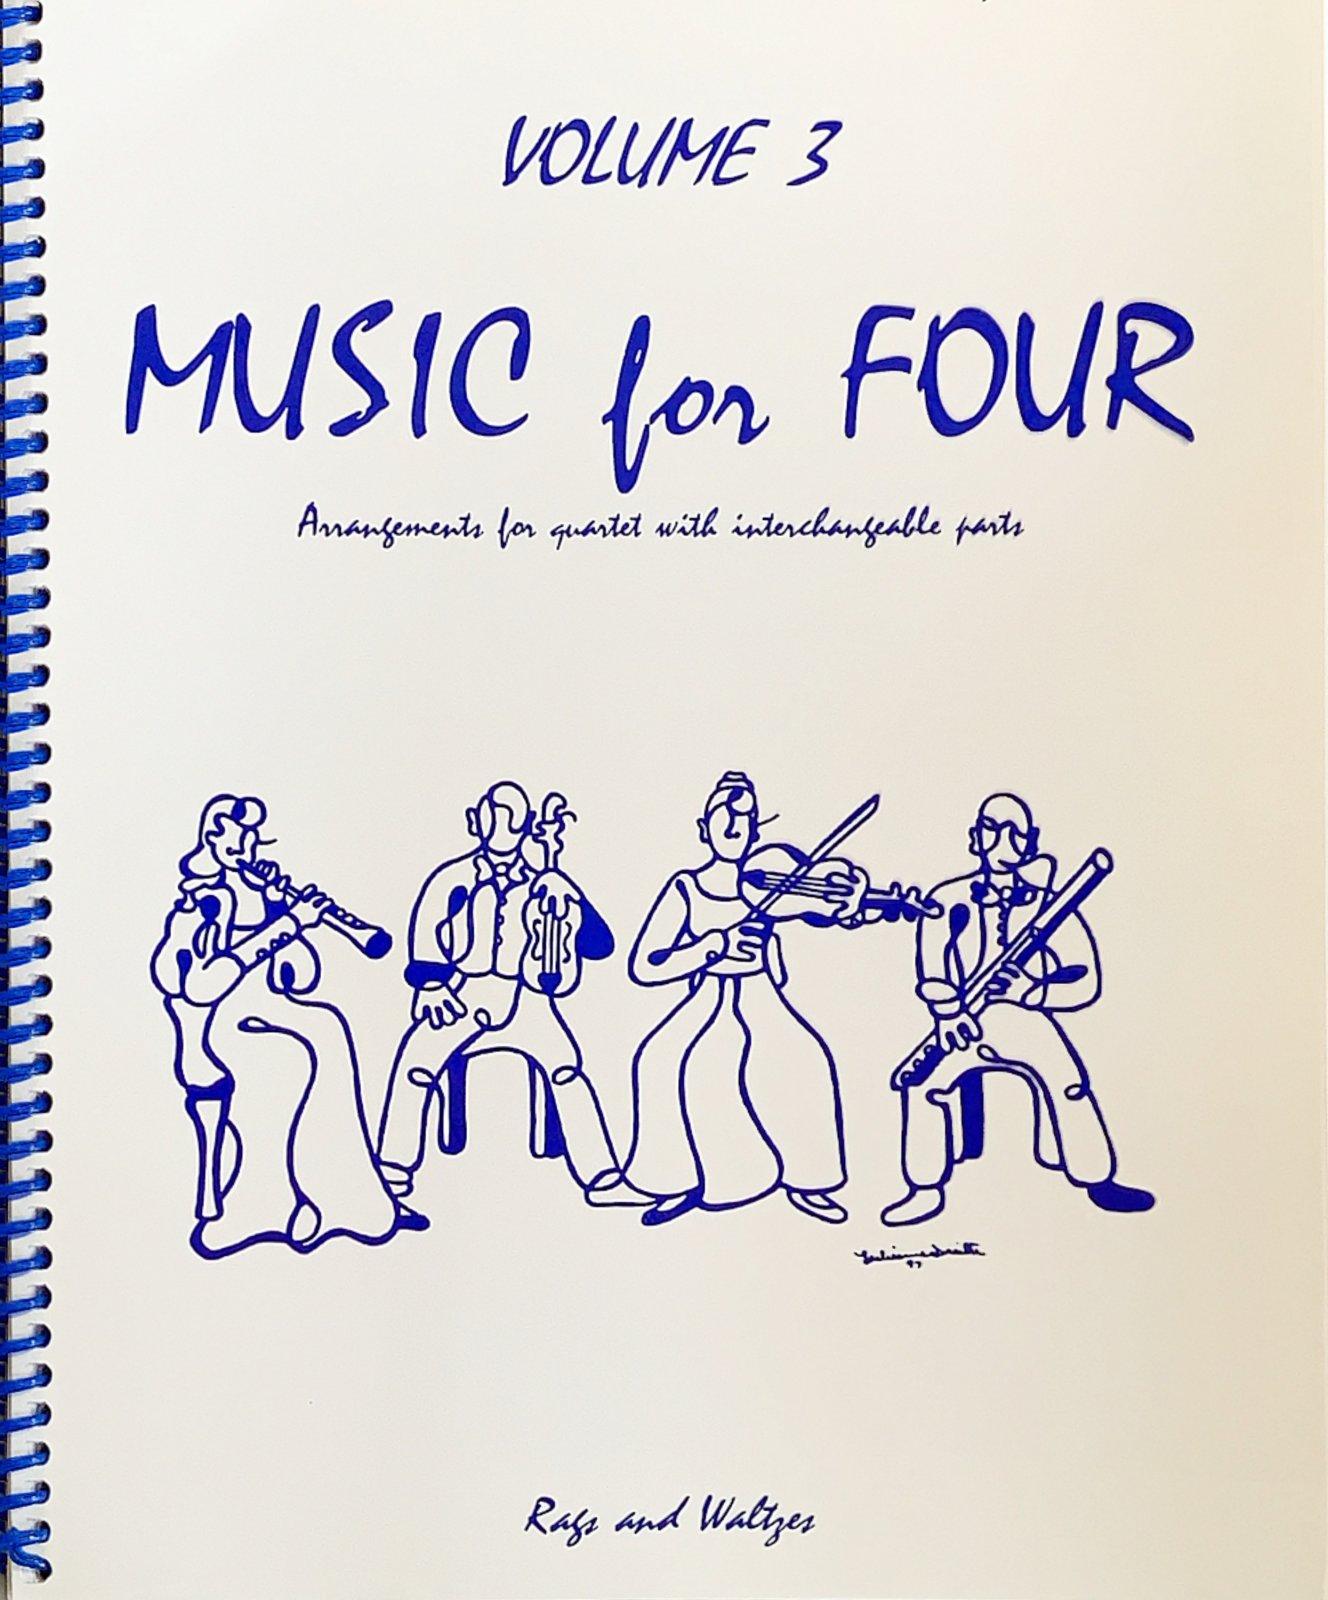 Music for Four Vol 3 Pt 2 - Violin - Kelley - Last Resort